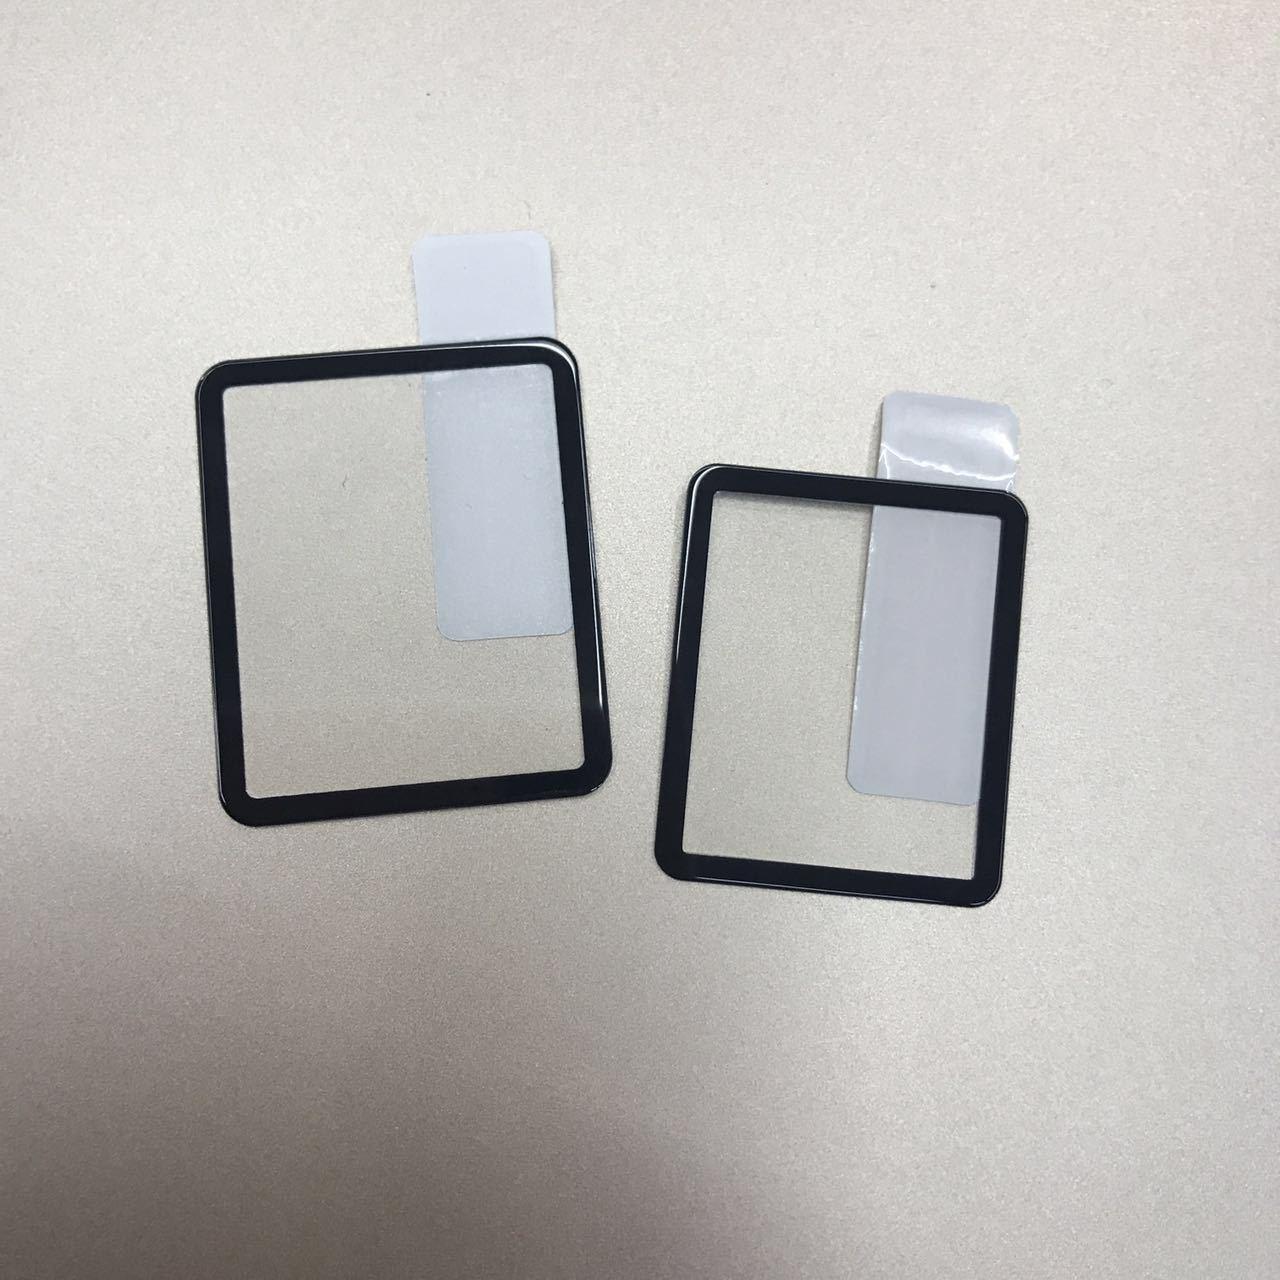 Полный экран шелкография закаленное стекло реальное доказательство гвардии фильм протектор экрана для Apple iWatch серии 1 2 3 38 мм 42 мм